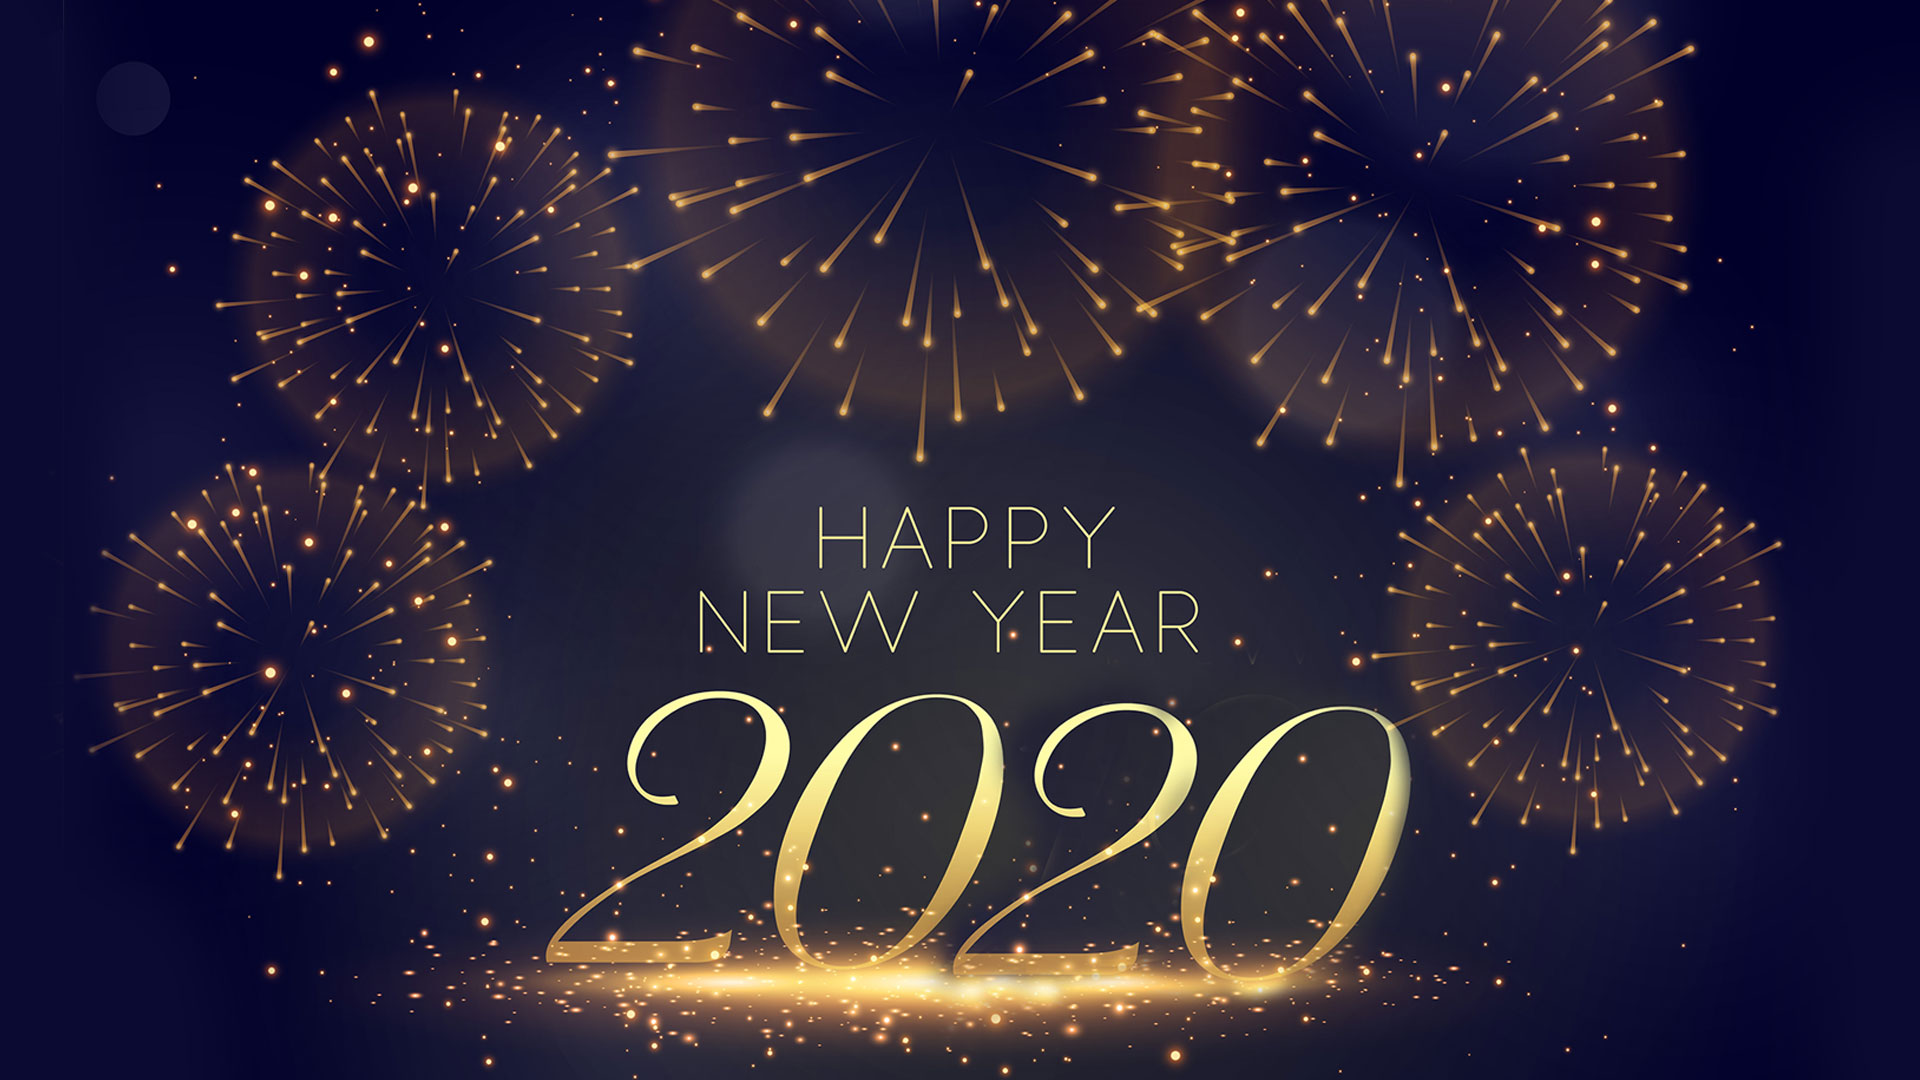 Welcome New Year 2020 Desktop Widescreen Wallpaper 48792   Baltana 1920x1080